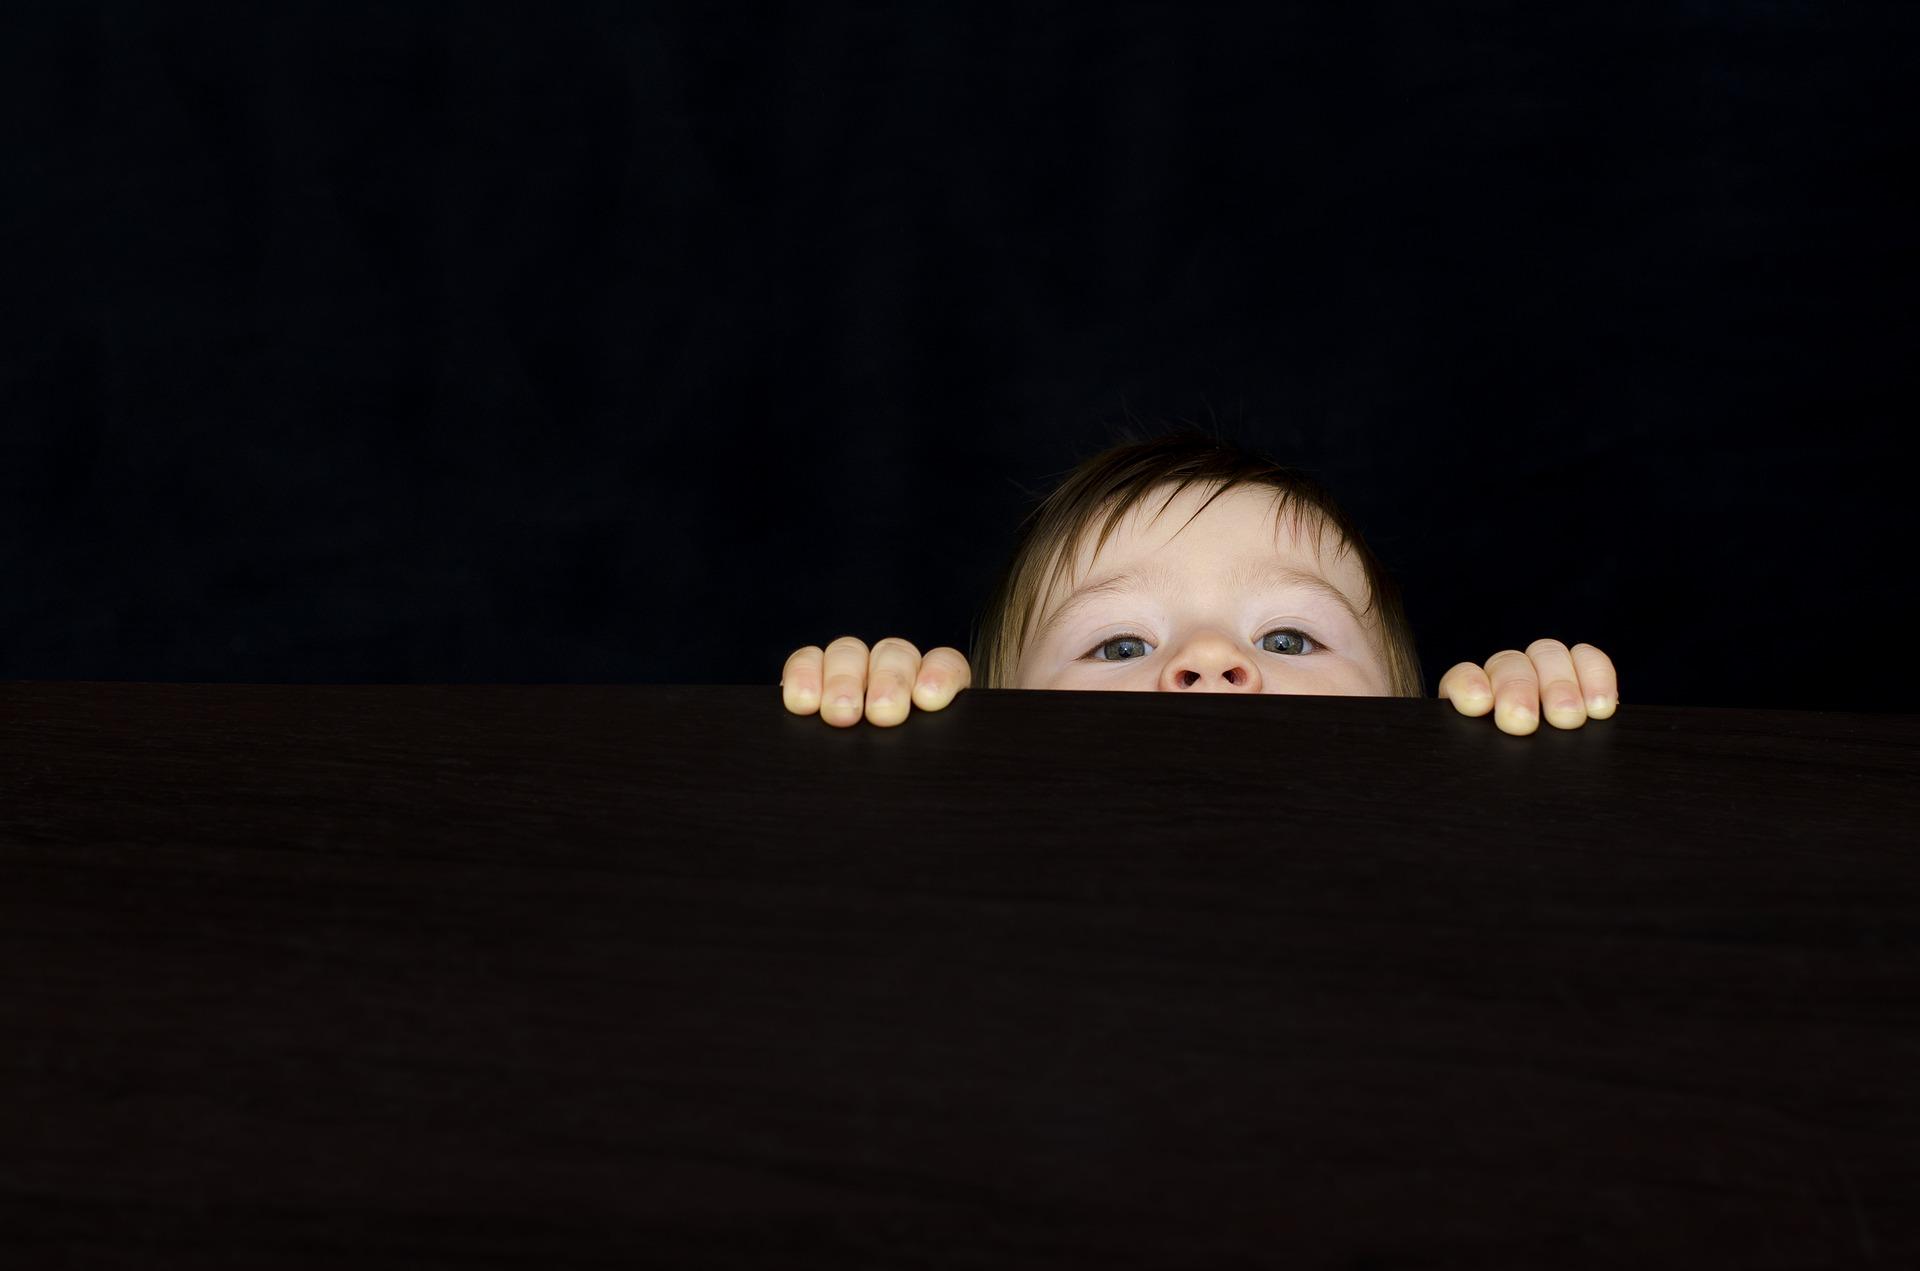 Oh une petite tête curieuse ! Y a-t-il plus beau regard que celui d'un petit être envieux de curiosité ?